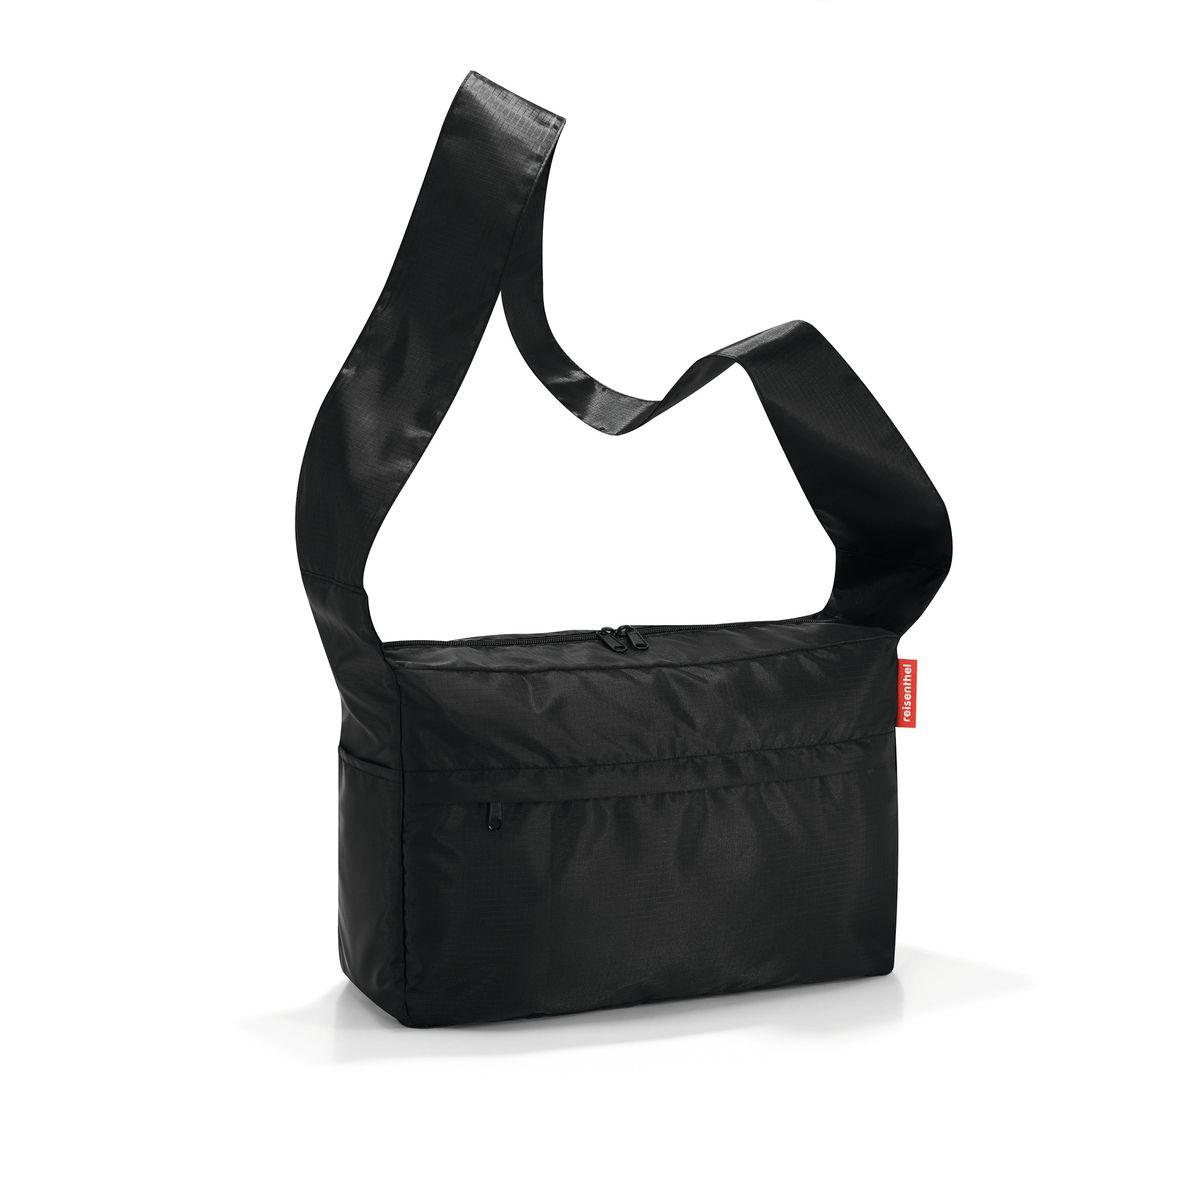 Сумка женская Reisenthel, складная, цвет: черный. AL7003AL7003Стильная женская сумка Reisenthel изготовлена из полиэстера. Сумка имеет одно отделение, которое закрывается на застежку-молнию с двумя бегунками. Внутри имеется нашивной карман на застежке-молнии, в который сумка складывается и приобретает компактный вид. Снаружи, на передней стенке расположен накладной карман на застежке-молнии. По бокам расположены открытые накладные карманы. Изделие оснащено удобным плечевым ремнем. Мультифункциональная сумка Reisenthel эффектно дополнит ваш образ и станет незаменимой в повседневной жизни.